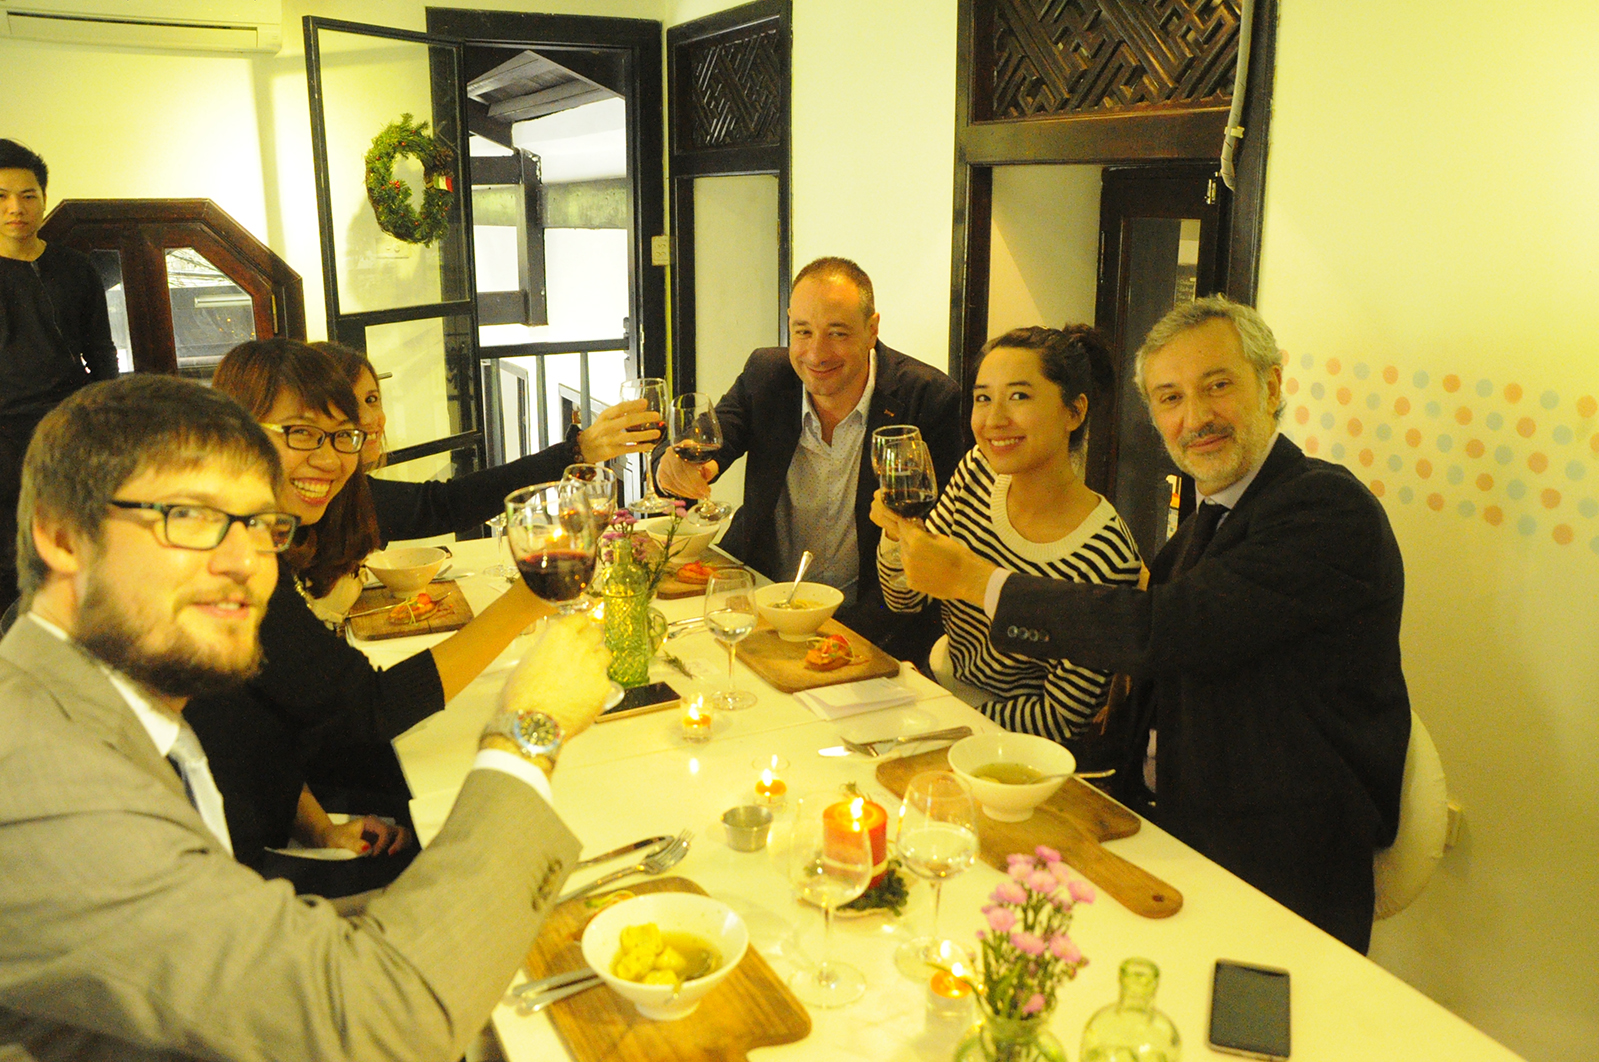 Chi Anh - CEO của KAfe cùng những người bạn Ý thân thiết (từ trên xuống - phải sang trái): Riccardo Papa - người sáng lập Gelato Italia, ngài Lorenzo Angeloni - Đại sứ Cộng hòa Dân chủ Ý tại Việt Nam, Fabio - nhân viên Đại sứ quán, bà Natalia Sanginiti